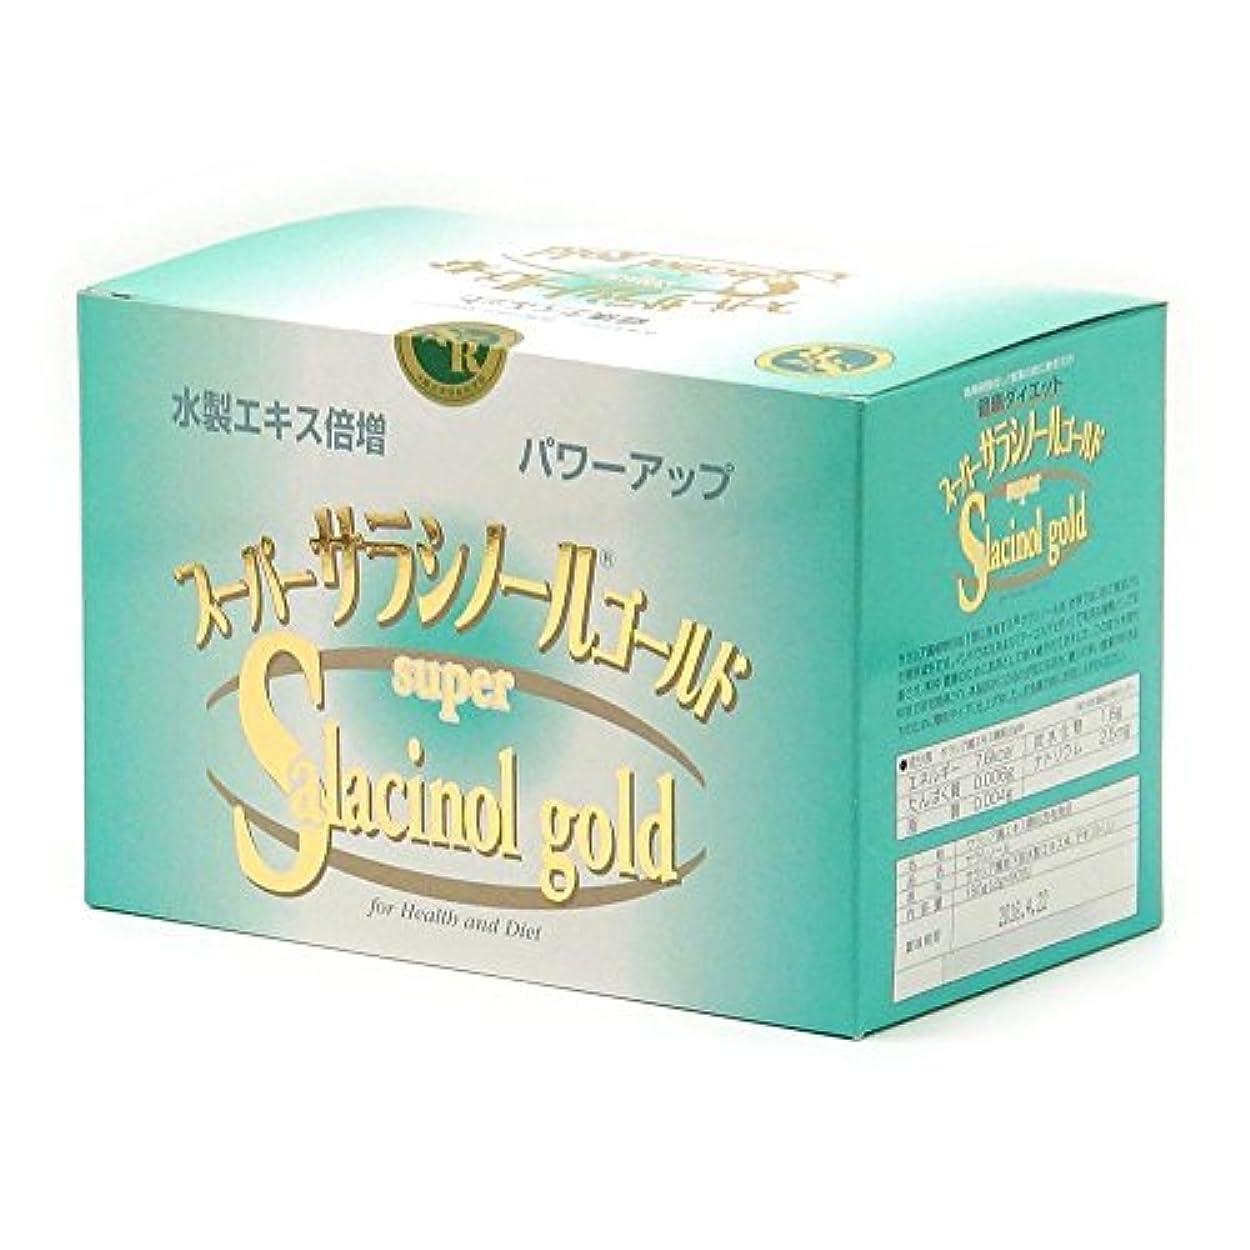 きしむ中間赤ちゃんスーパーサラシノールゴールド 2g×90包×3箱セット